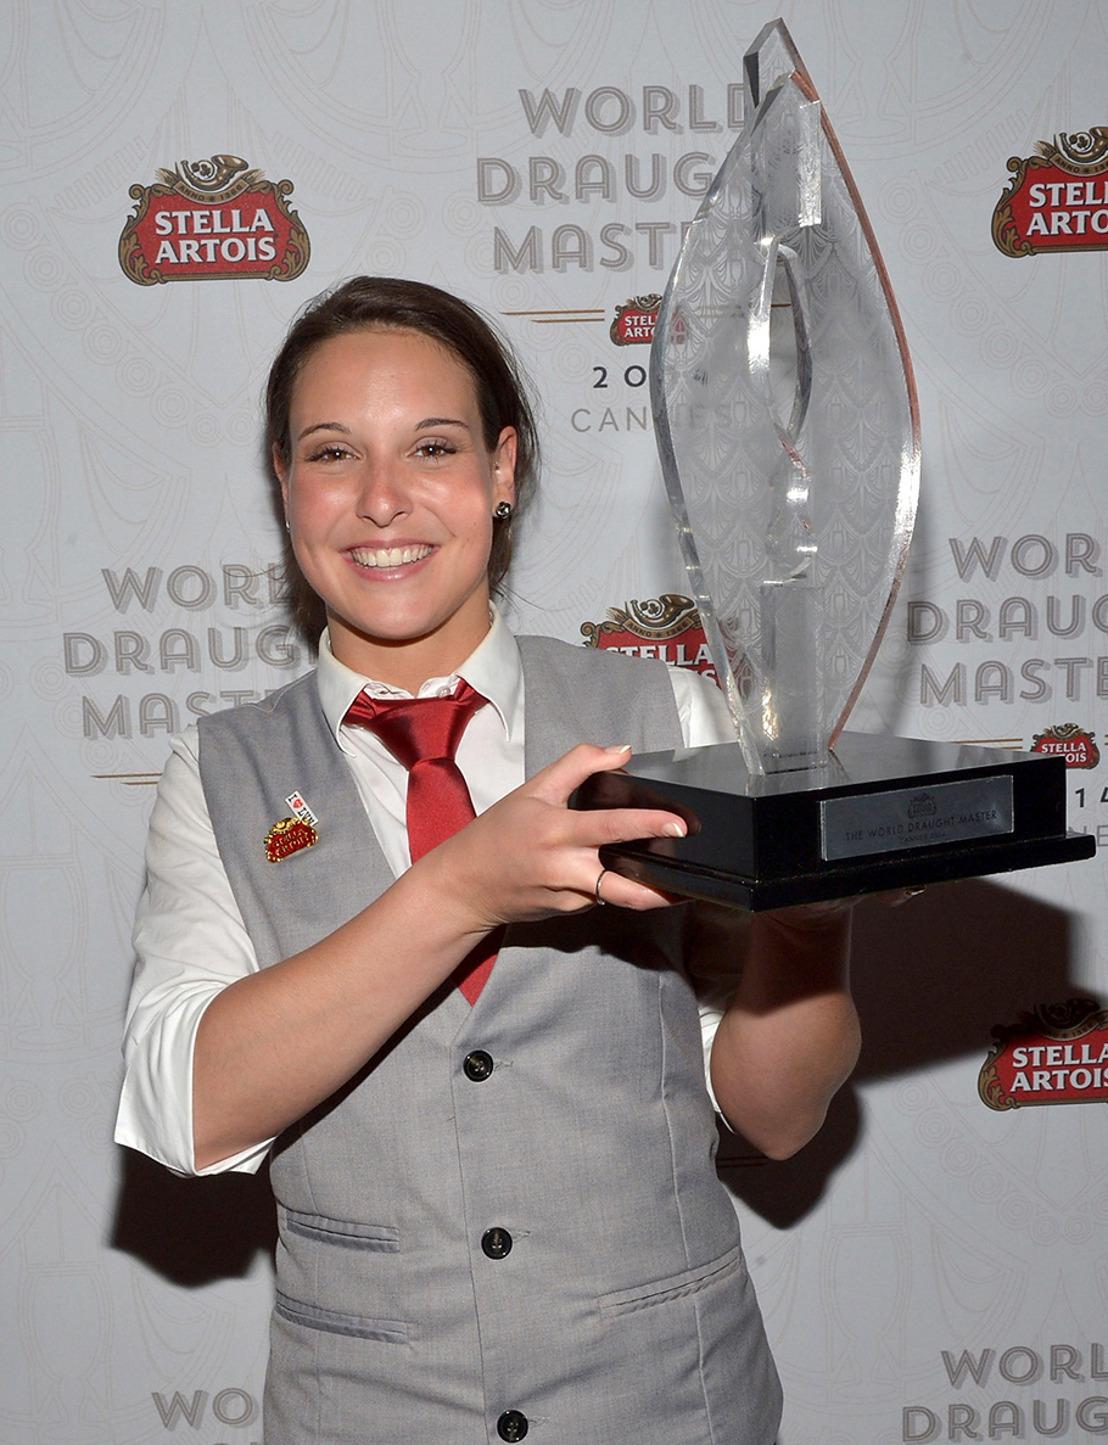 Une Belge remporte la finale des Stella Artois World Draught Masters 2014 à Cannes